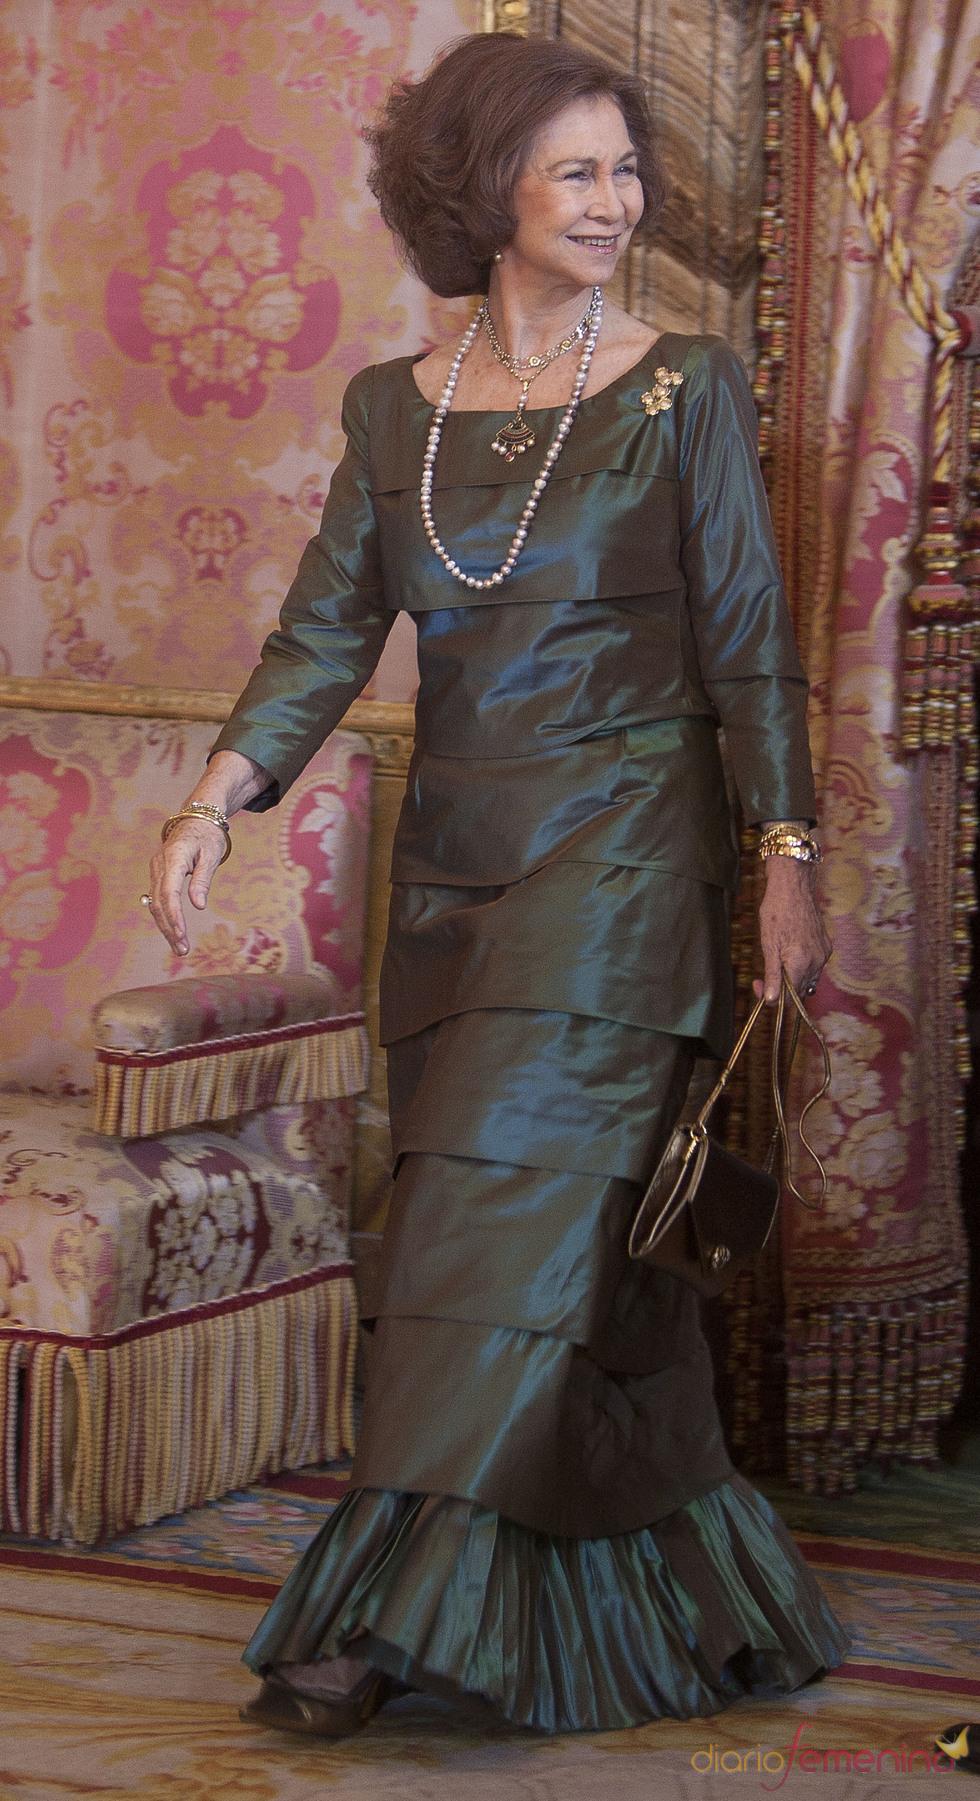 La Reina Sofía en la Pascua Militar